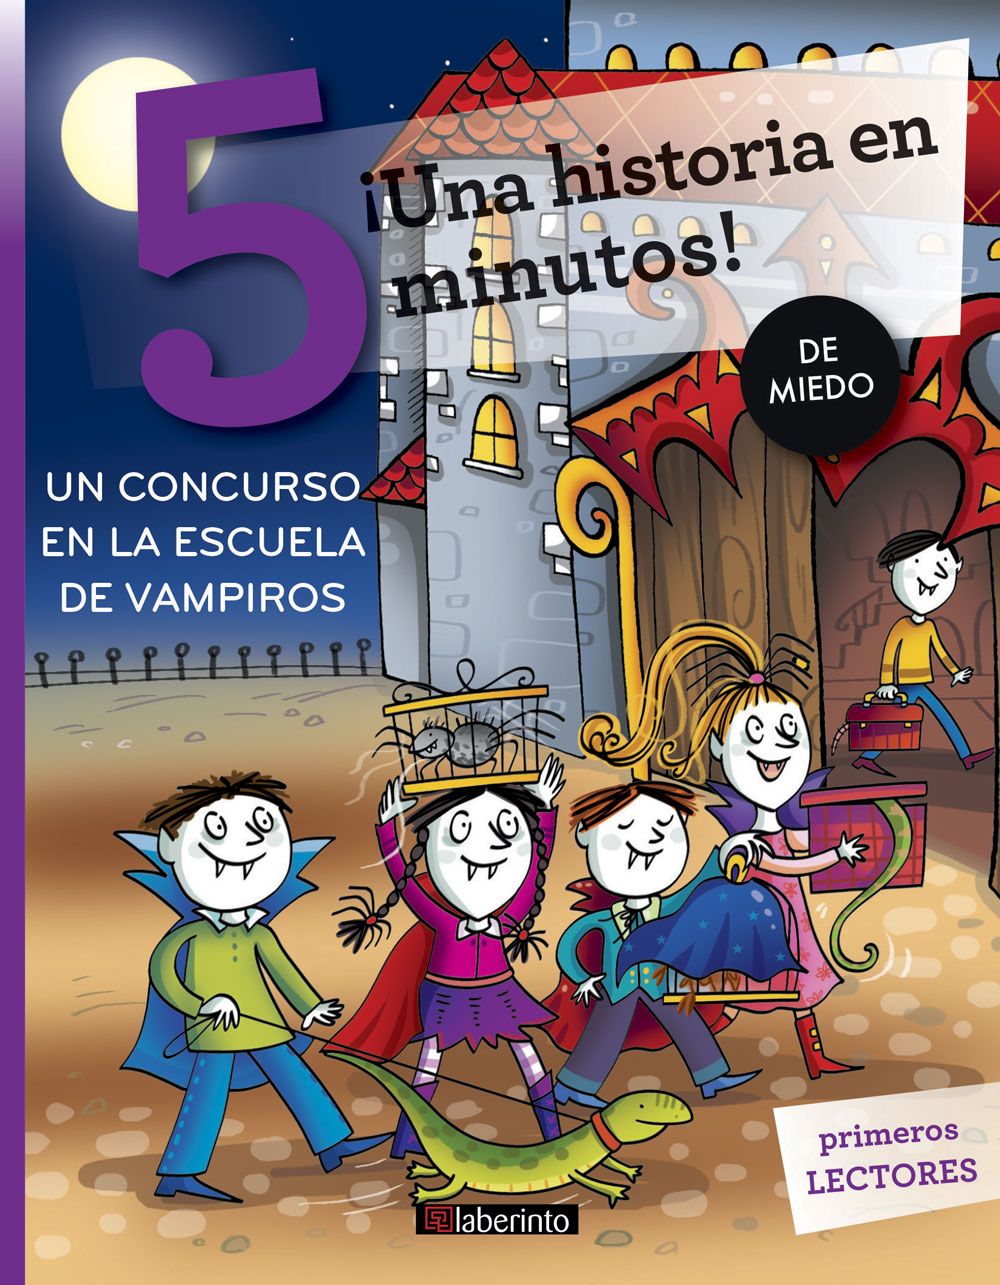 ¡Una historia en 5 minutos! Un concurso en la escuela de vampiros